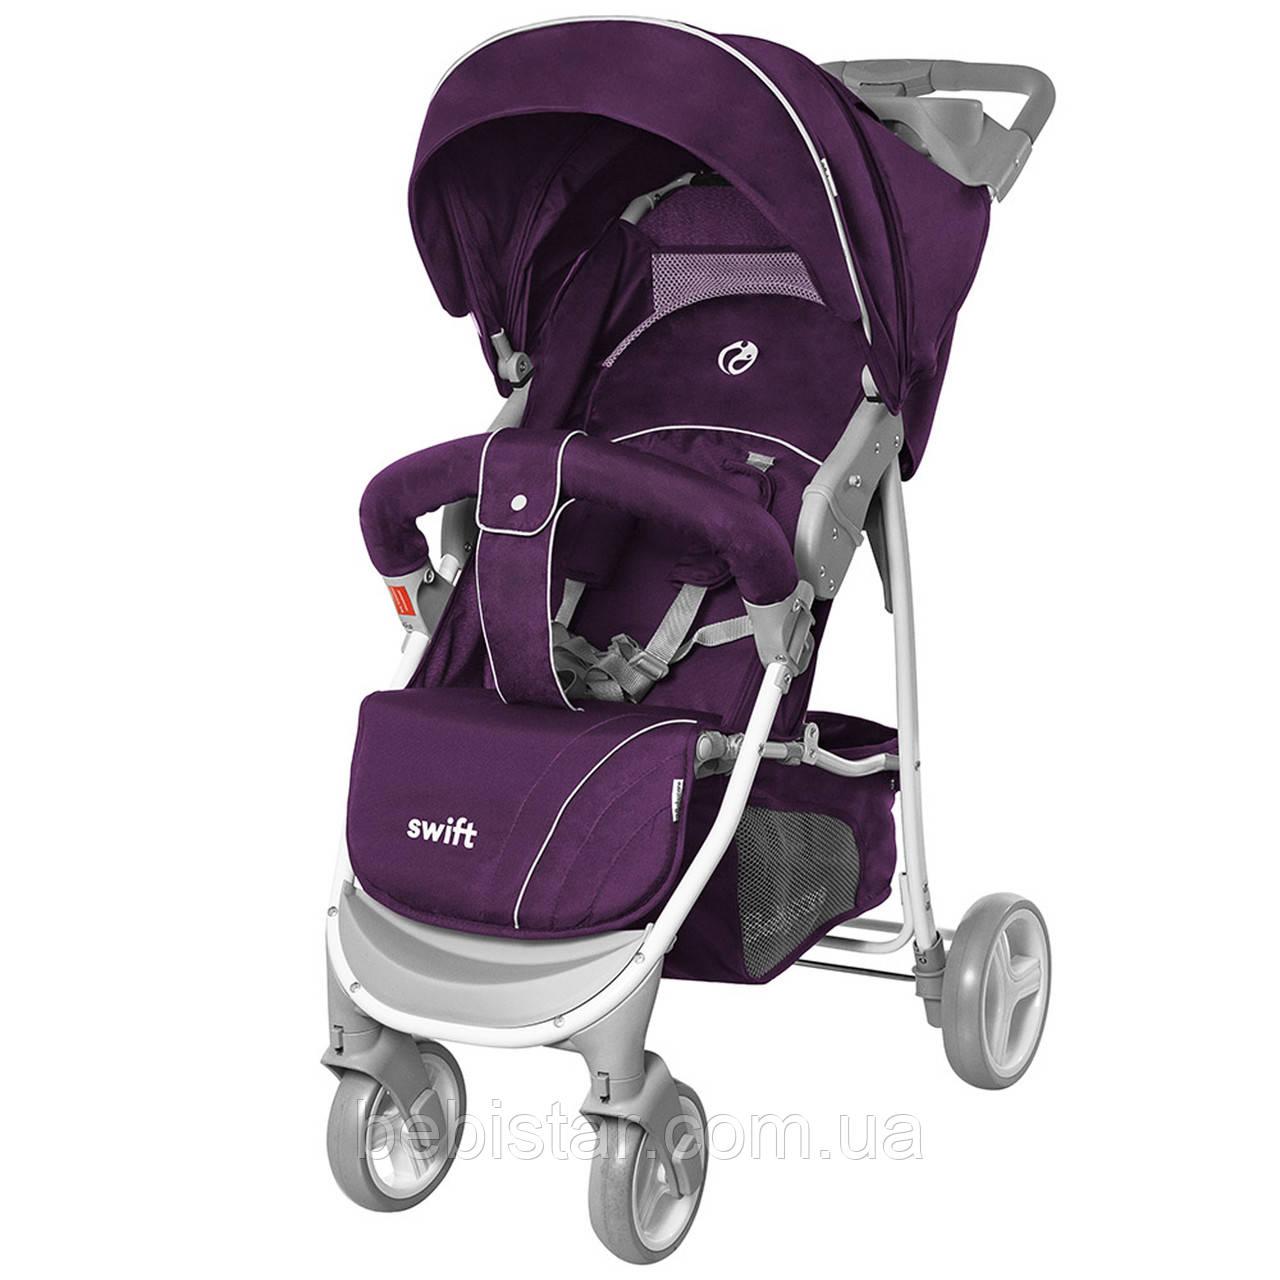 Детская прогулочная коляска фиолетовая с дождевиком BABYCARE Swift BC-11201/1 Purple